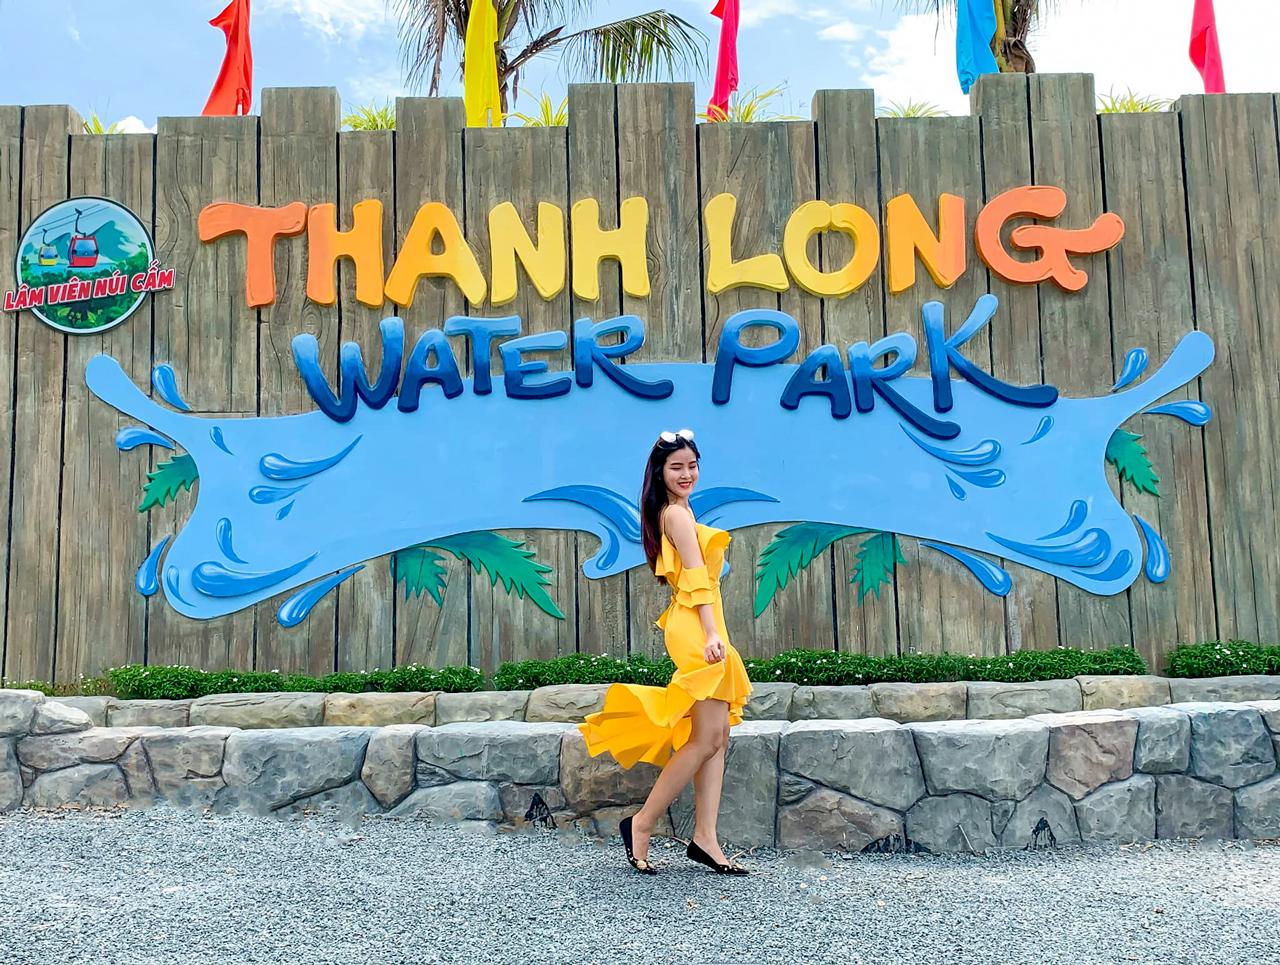 Bảng hiệu Thanh Long Water Park